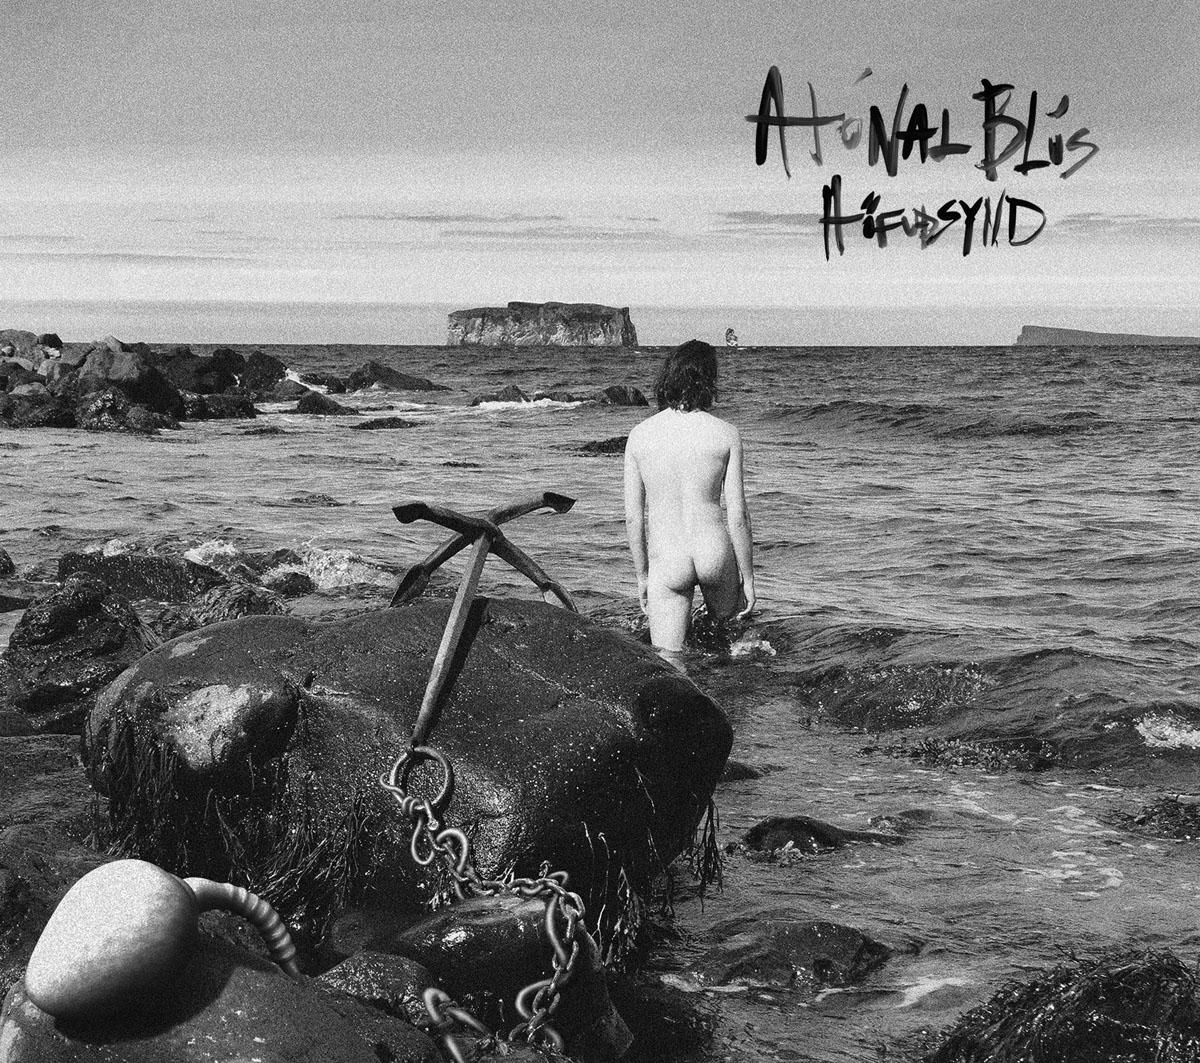 Atónal Blús - Höfuðsynd